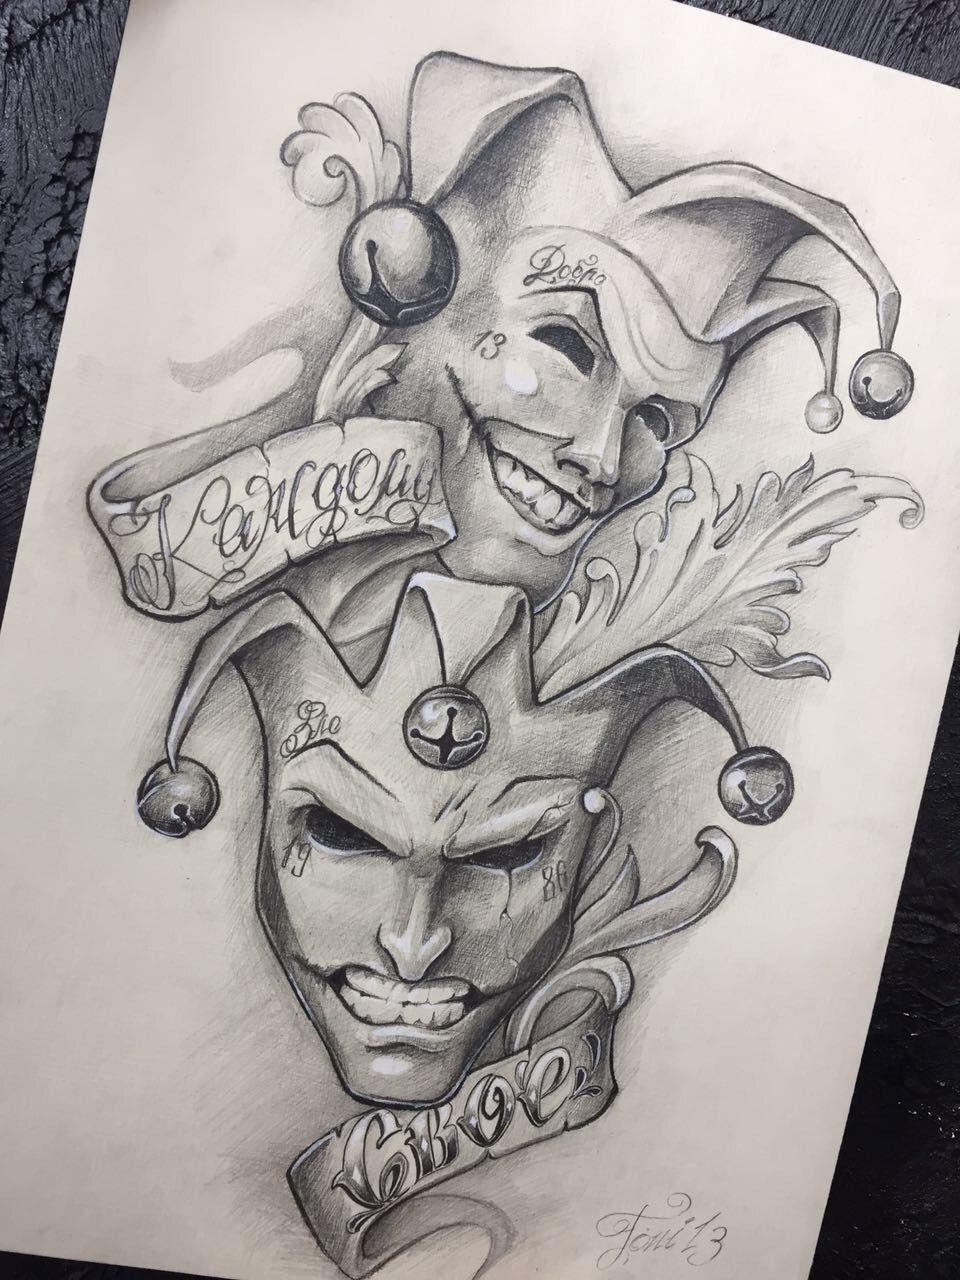 Desenho Palhaço Tatuagem chora agora eu depois | desenho tatuagem, desenhos para